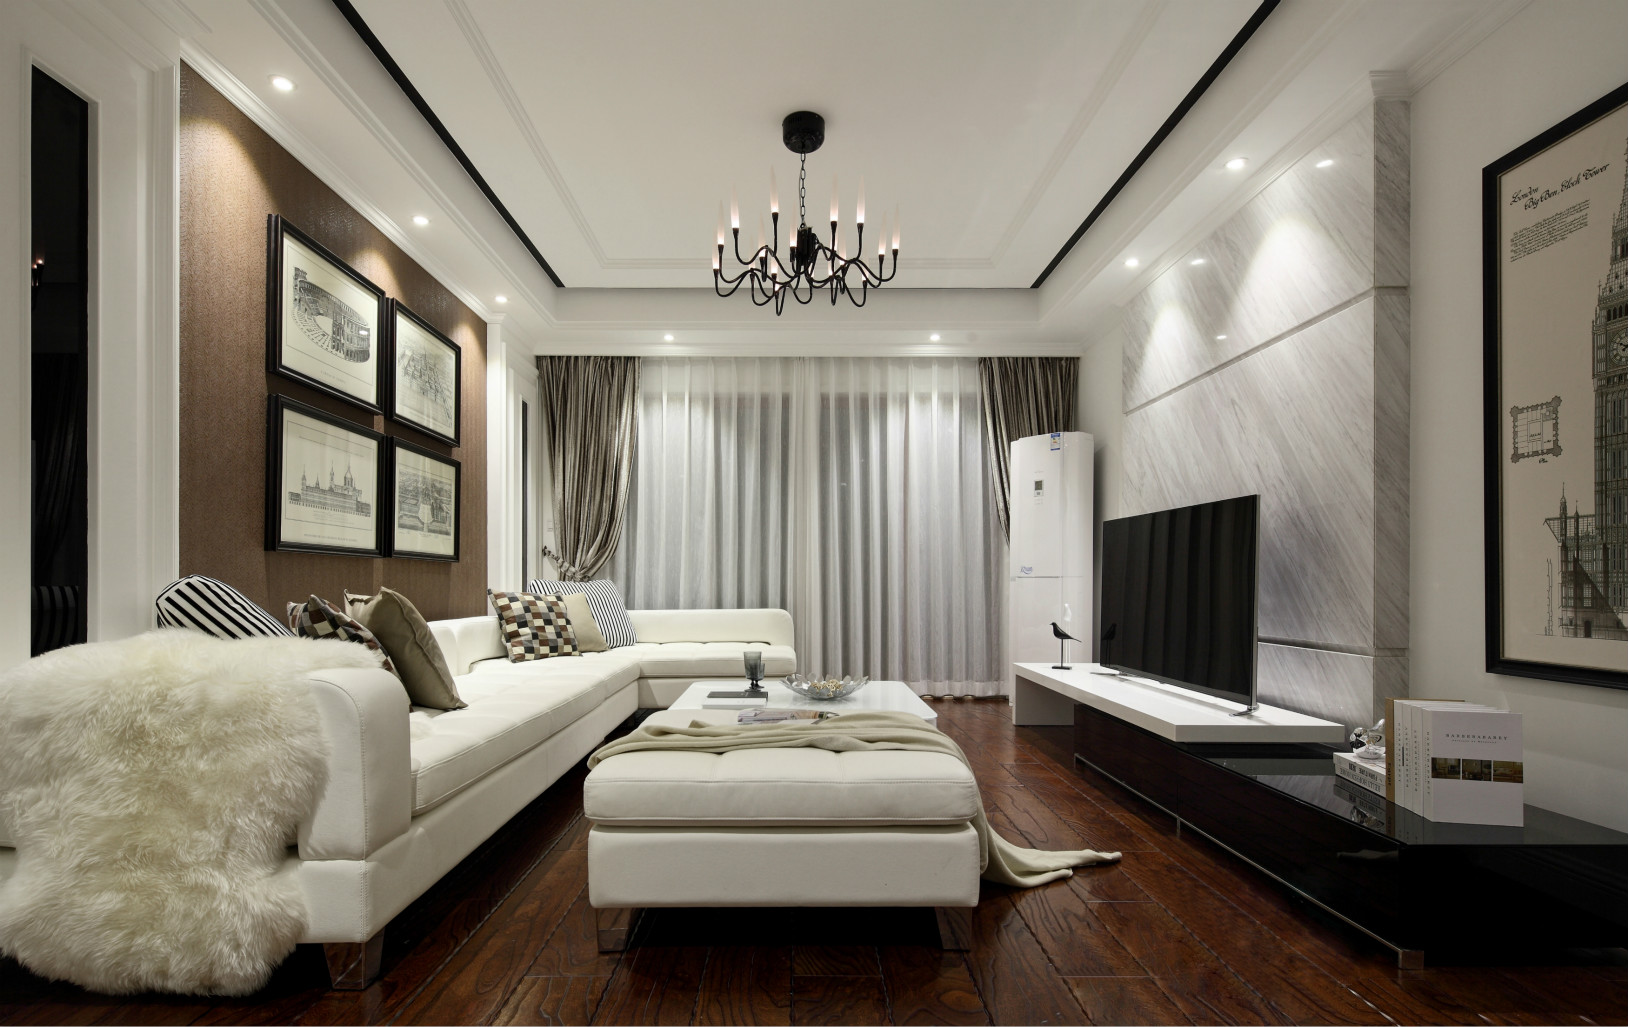 客厅灰白色为主色调,精简的家具,布置了懒人沙发,躺在沙发上看电视十分惬意。